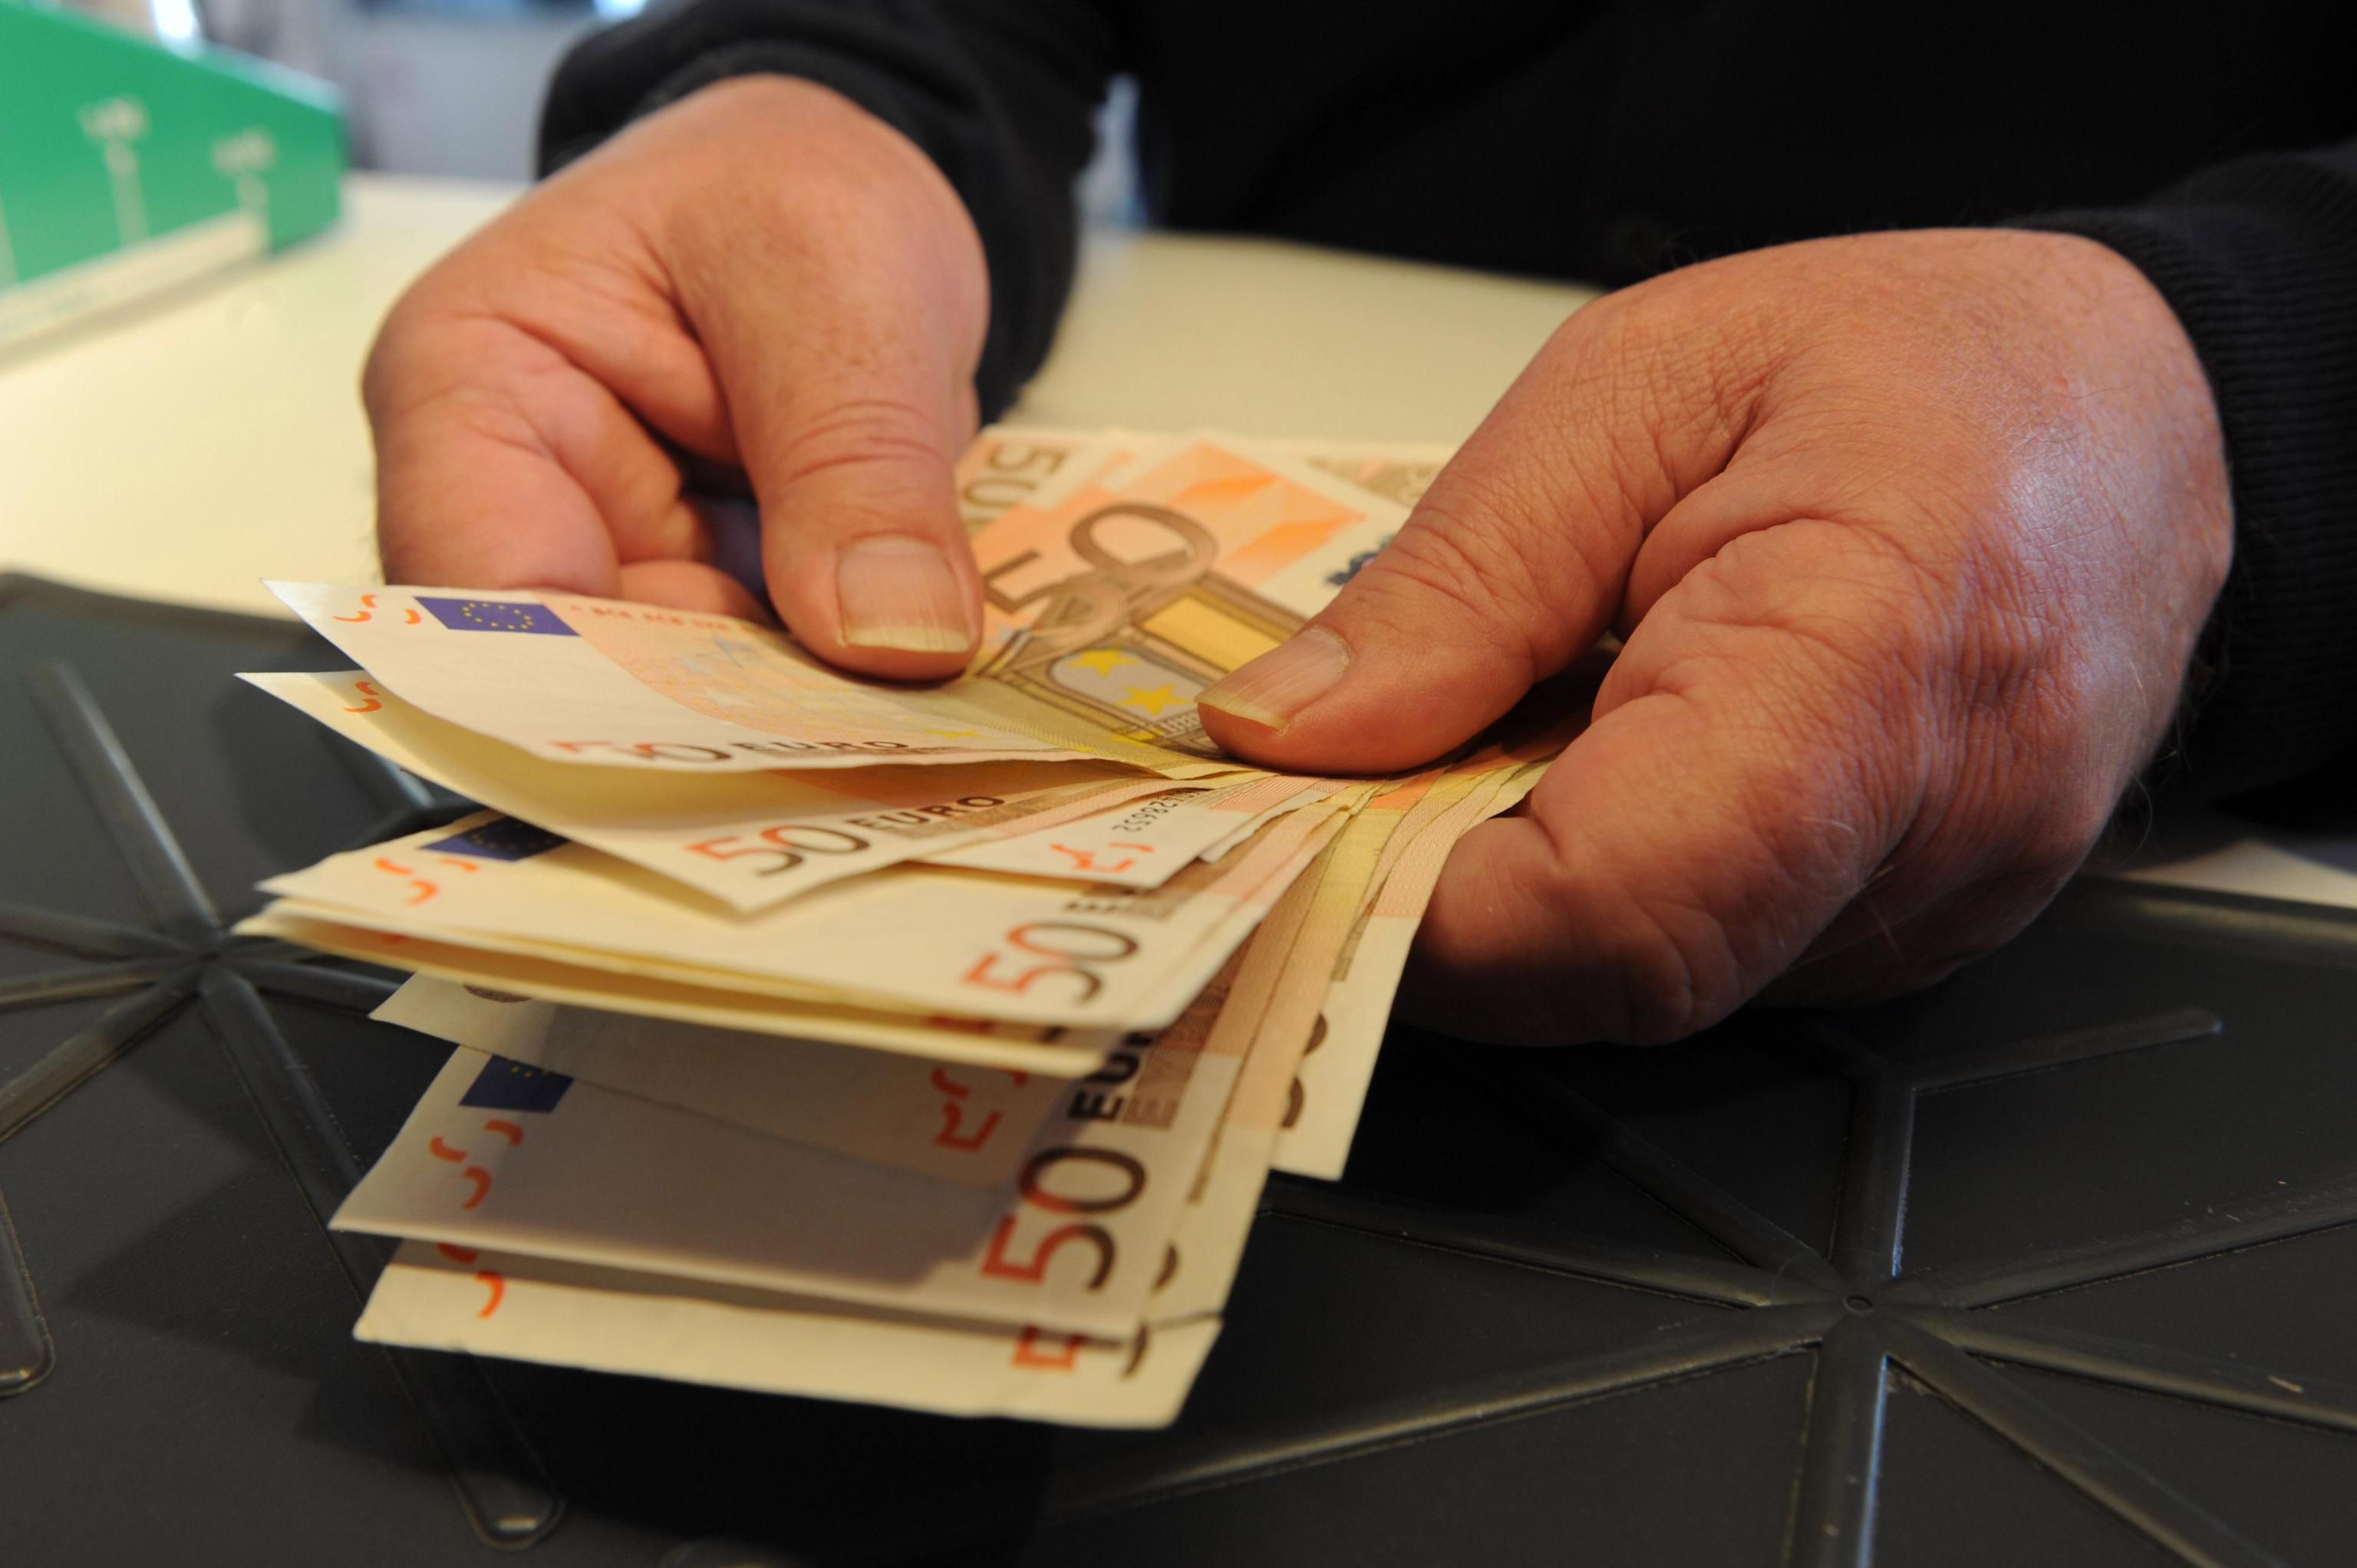 Usura, tassi fino all'800%: una persona arrestata a Palermo